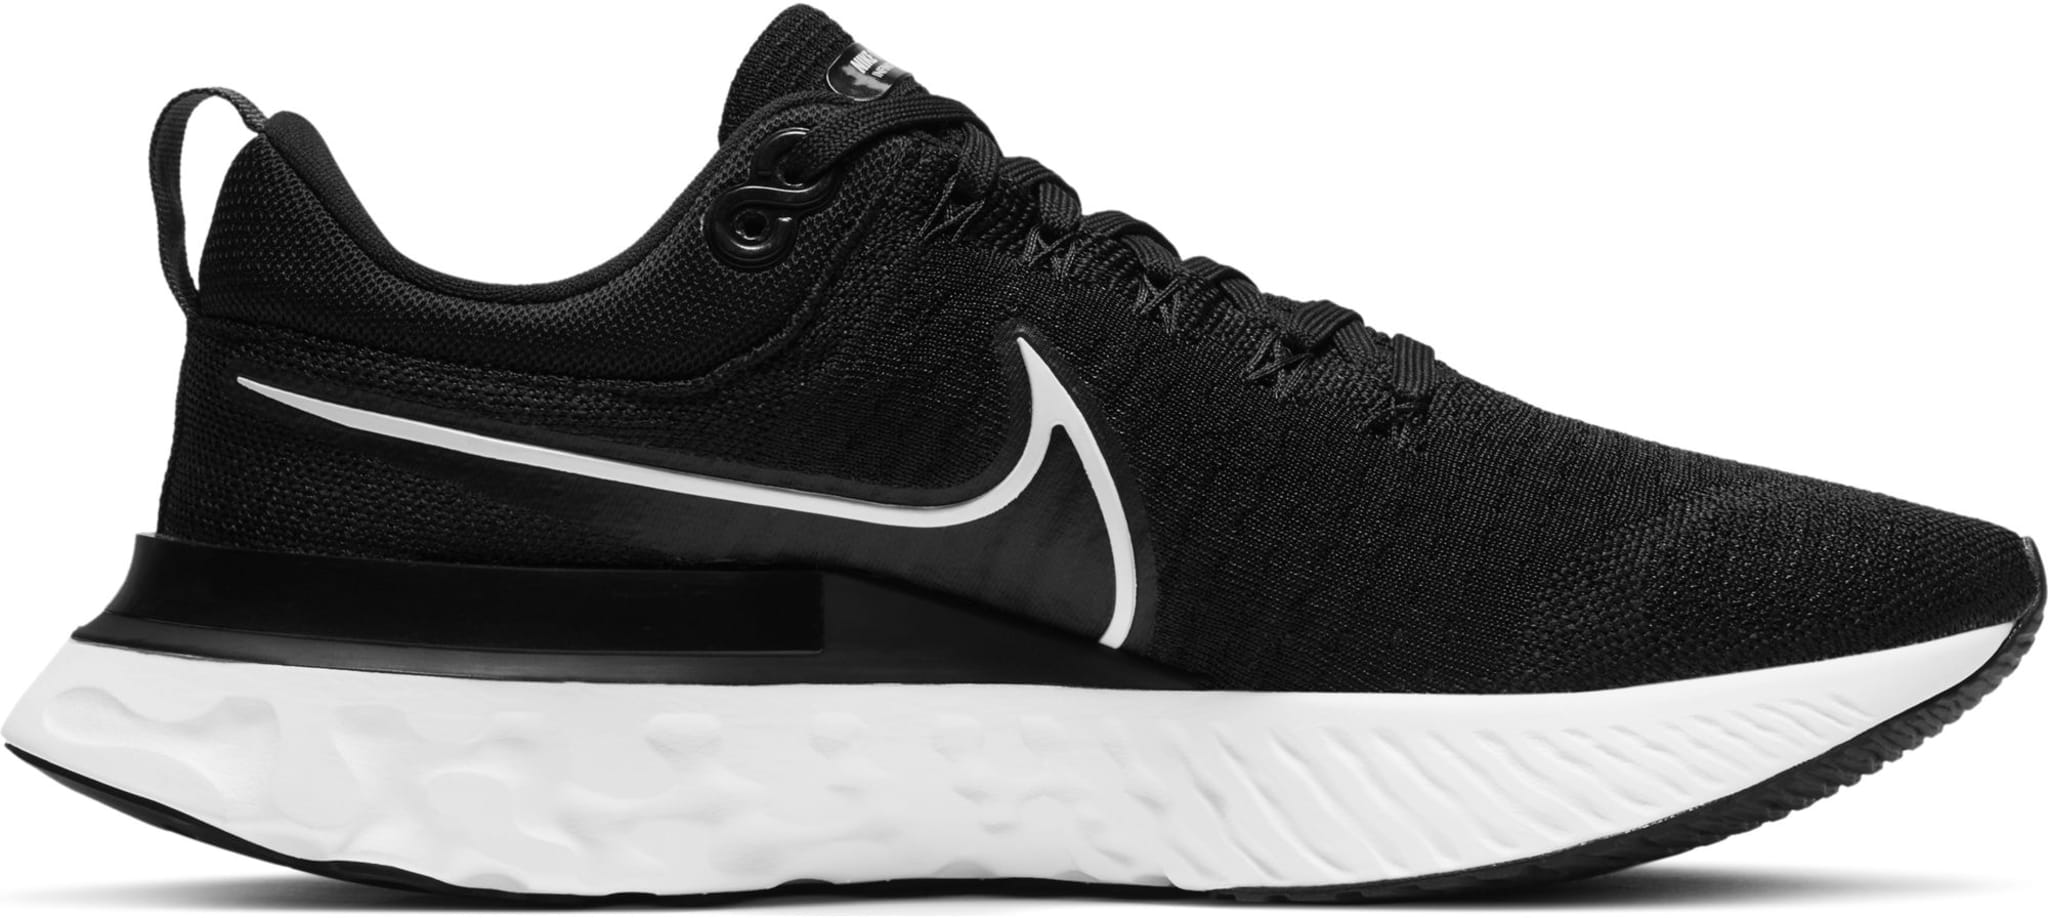 Oppdatert versjon av den populære løpeskoen med Nikes myke og slitesterke React-skum